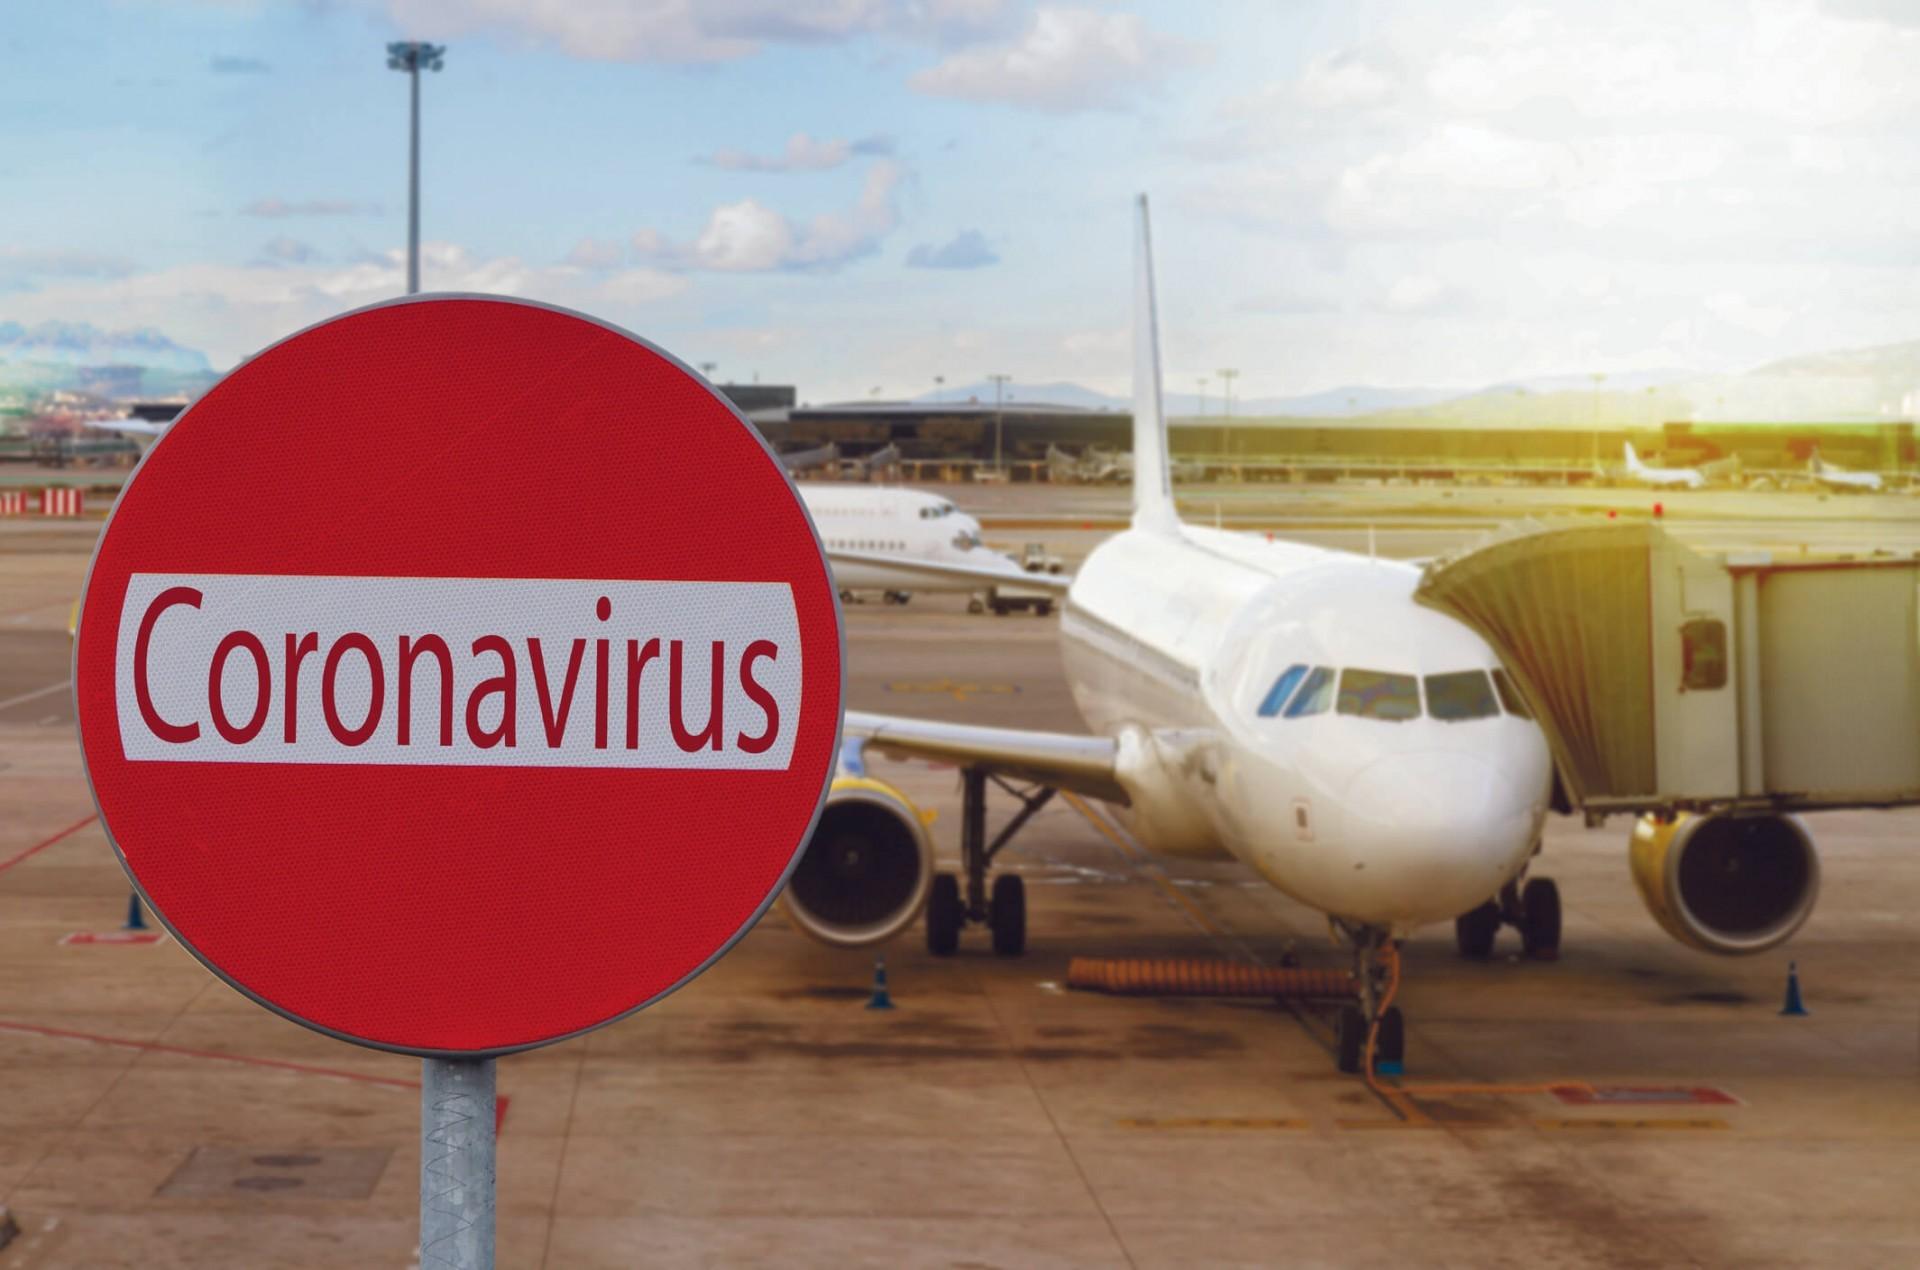 ביטוח ביטול טיסה והוצאות נלוות